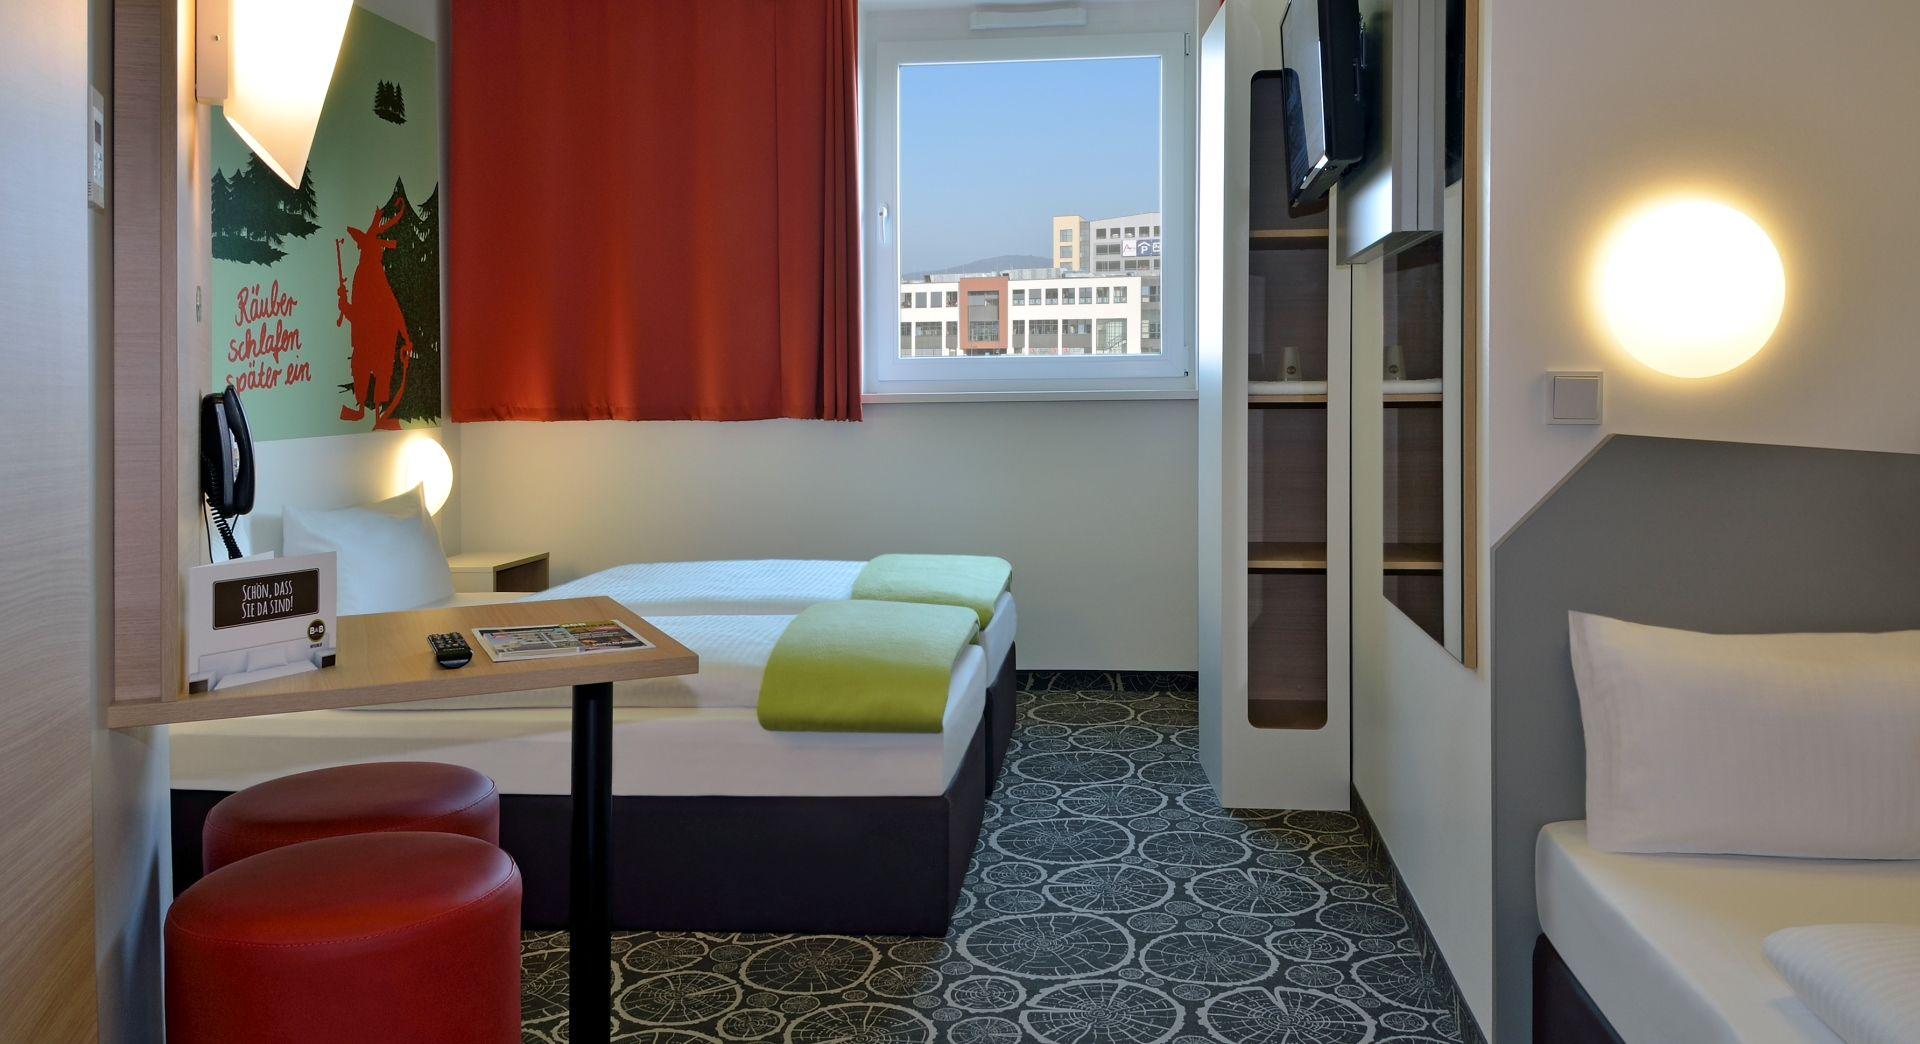 Dreibettzimmer im B&B Hotel Aschaffenburg